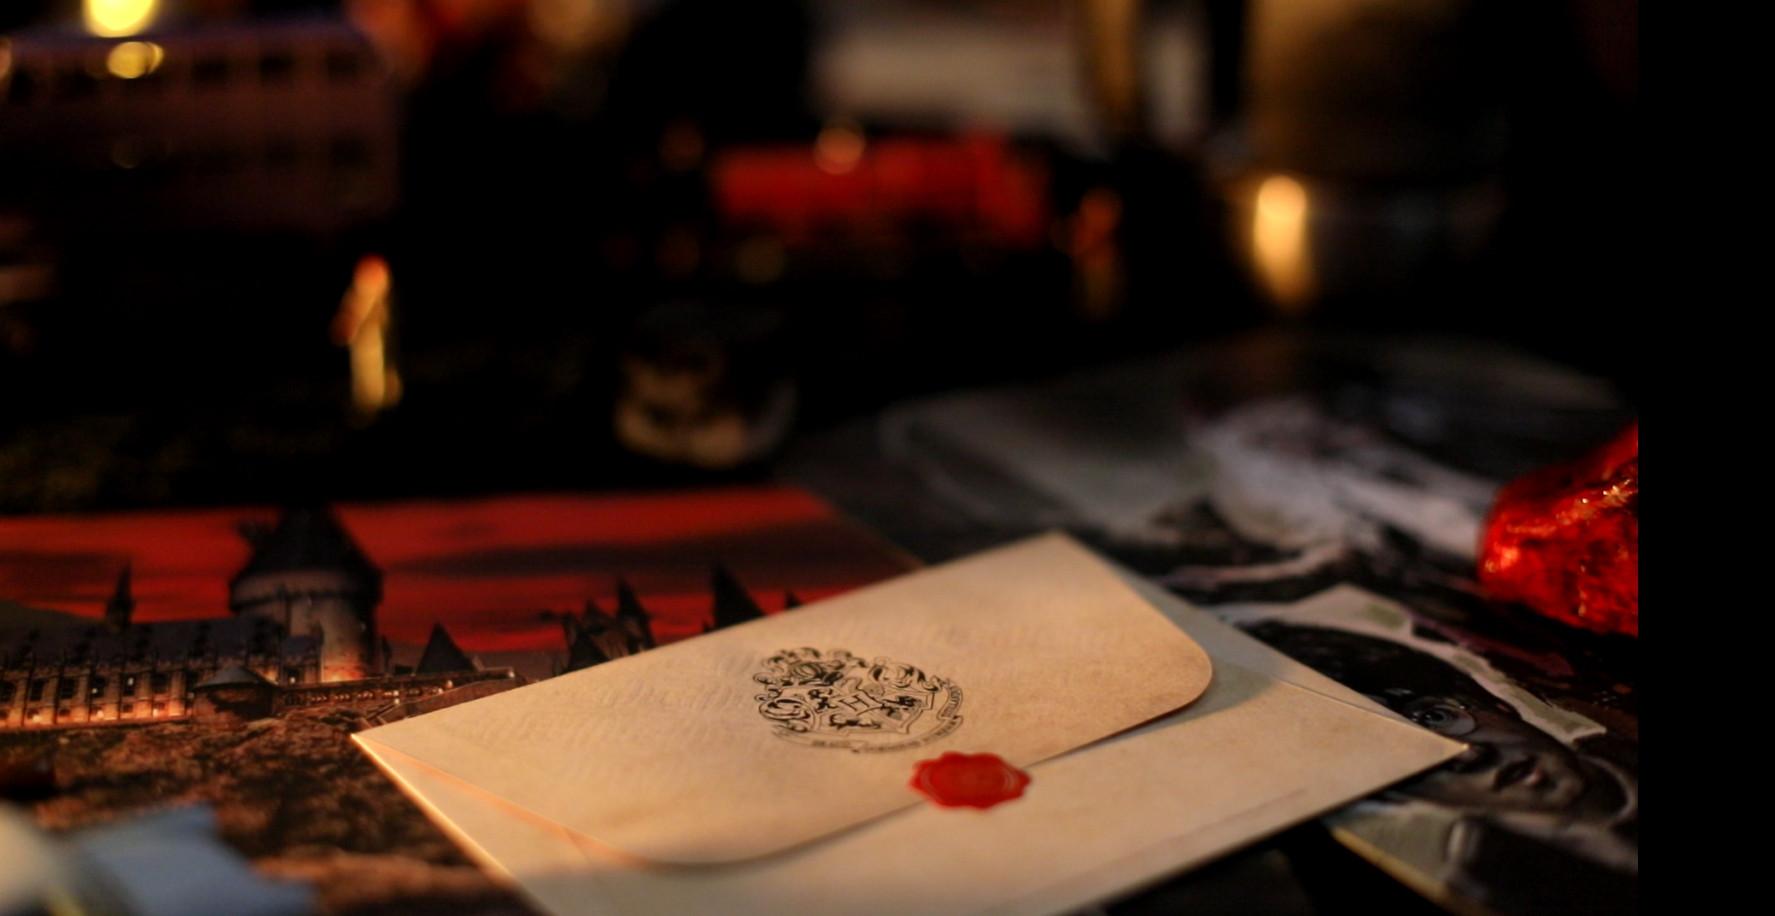 Décoration pottérienne (les enveloppes cachetées contenaient des propositions faites par François Taddei pour améliorer le monde!)